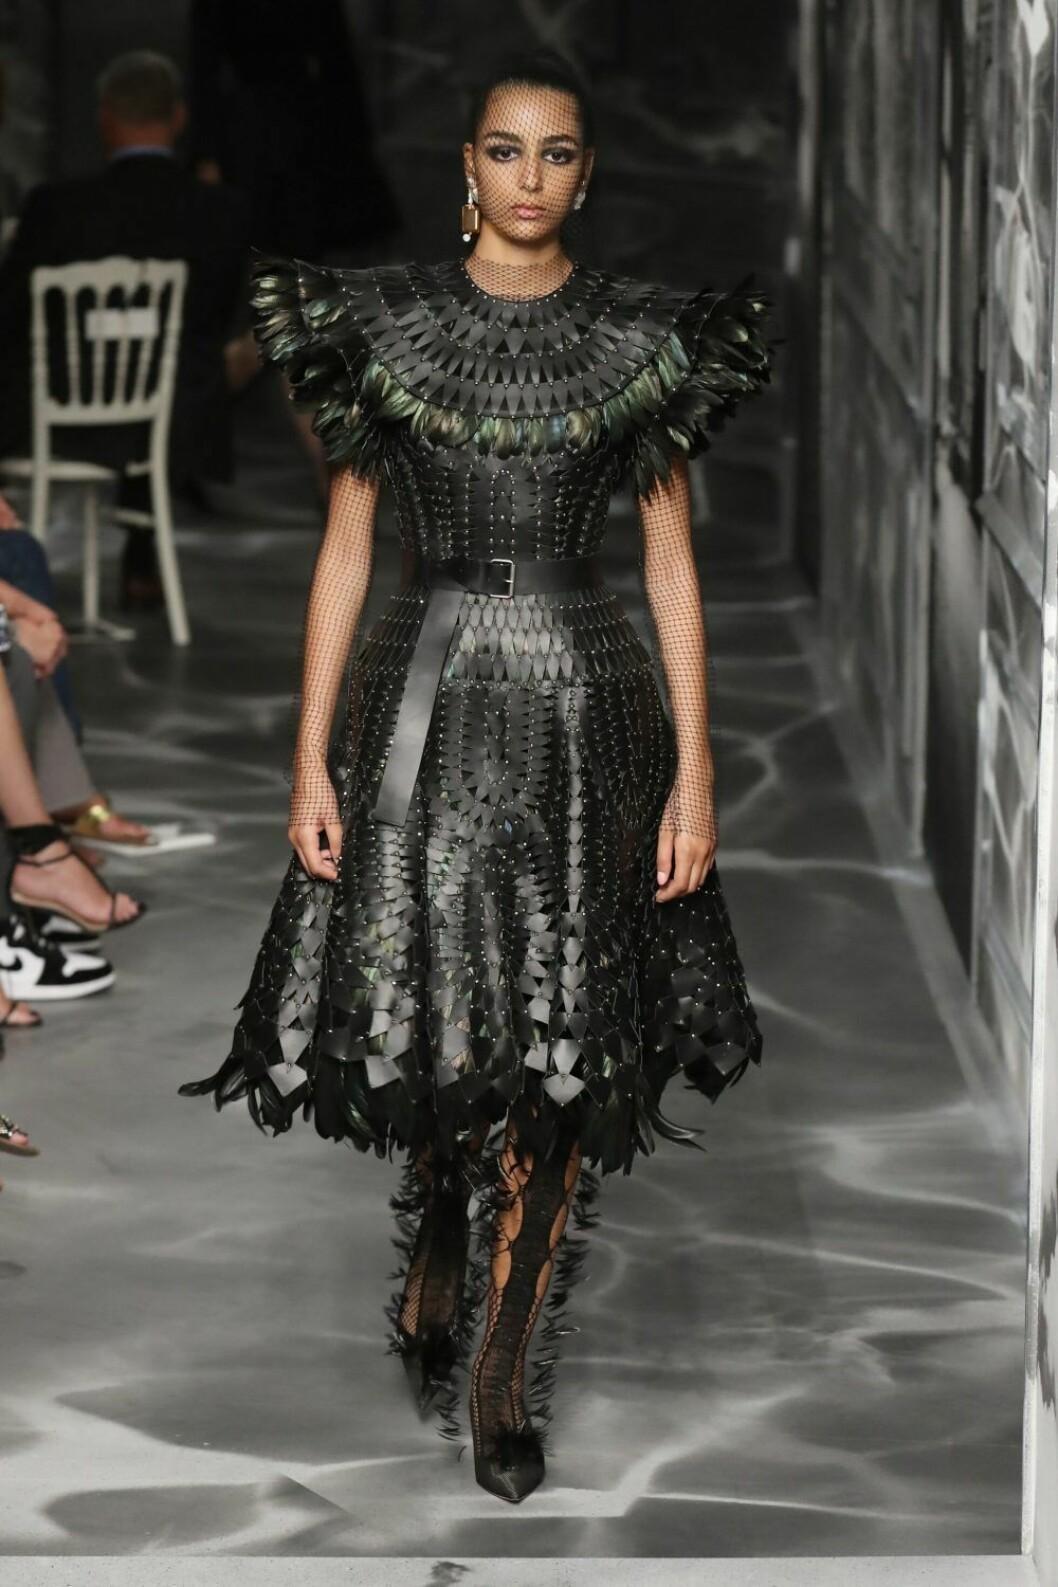 Christian Dior AW19/20, svart klänning med textur och gröna detaljer.